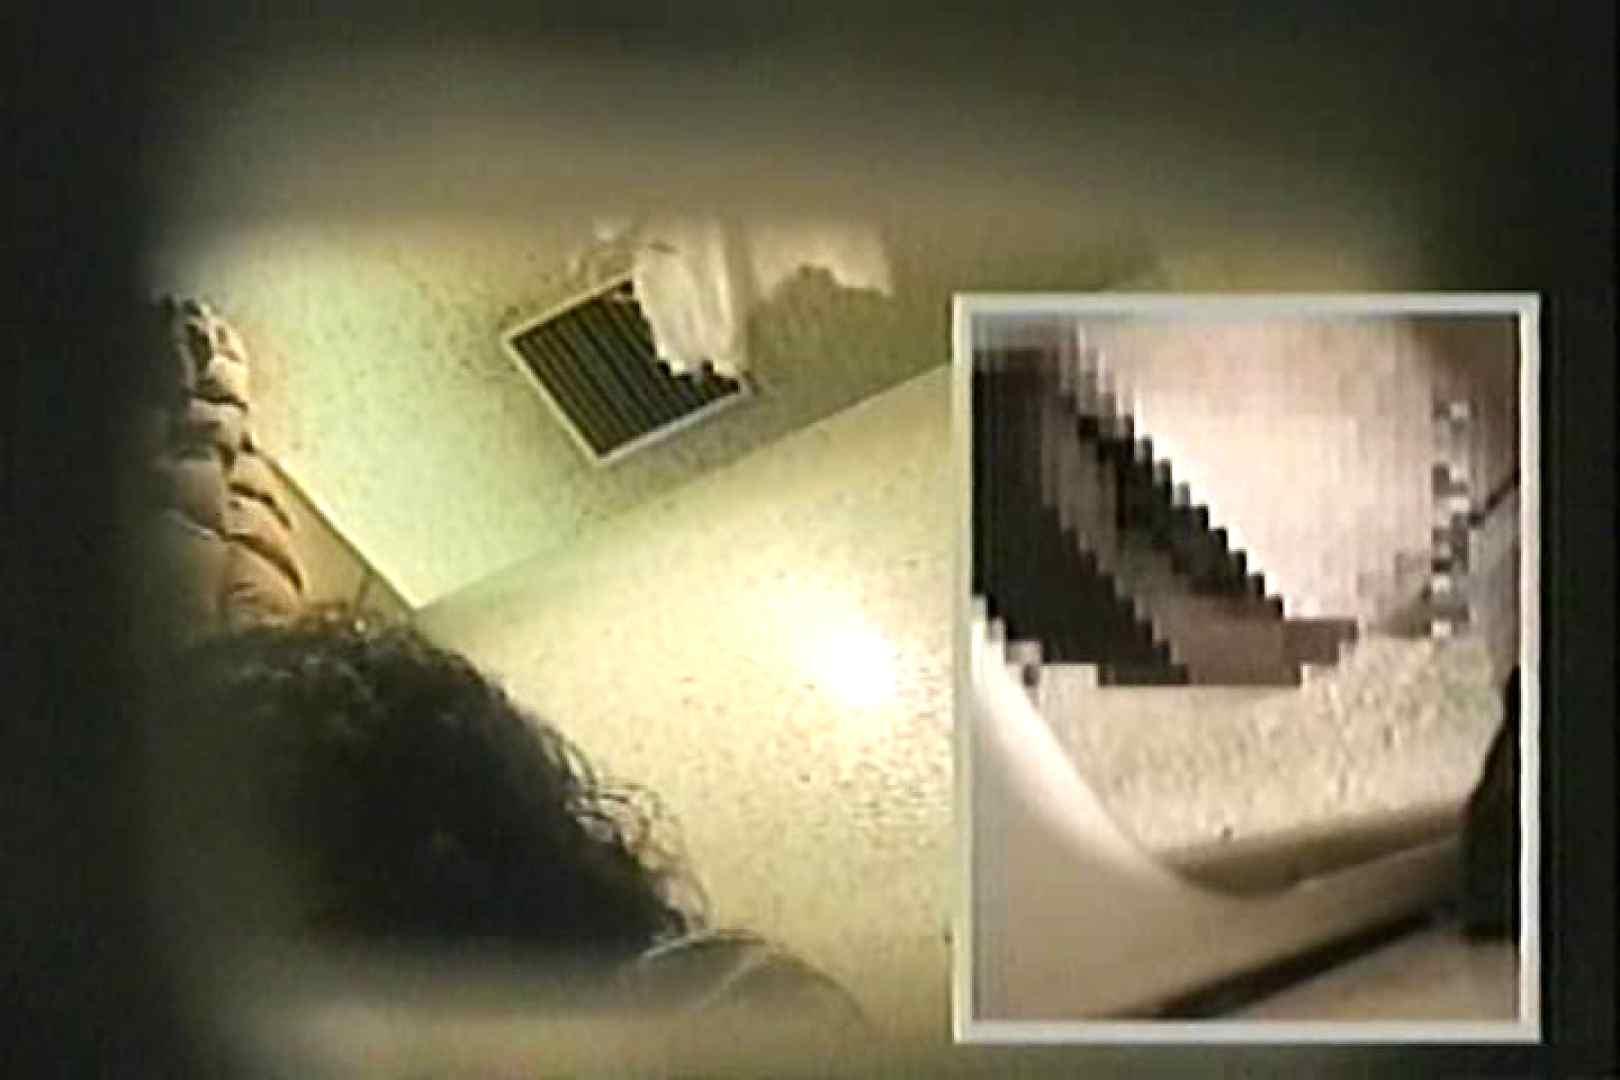 女子洗面所盗撮 今度の2カメは若い子だらけ  TK-127 盗撮  73PIX 30